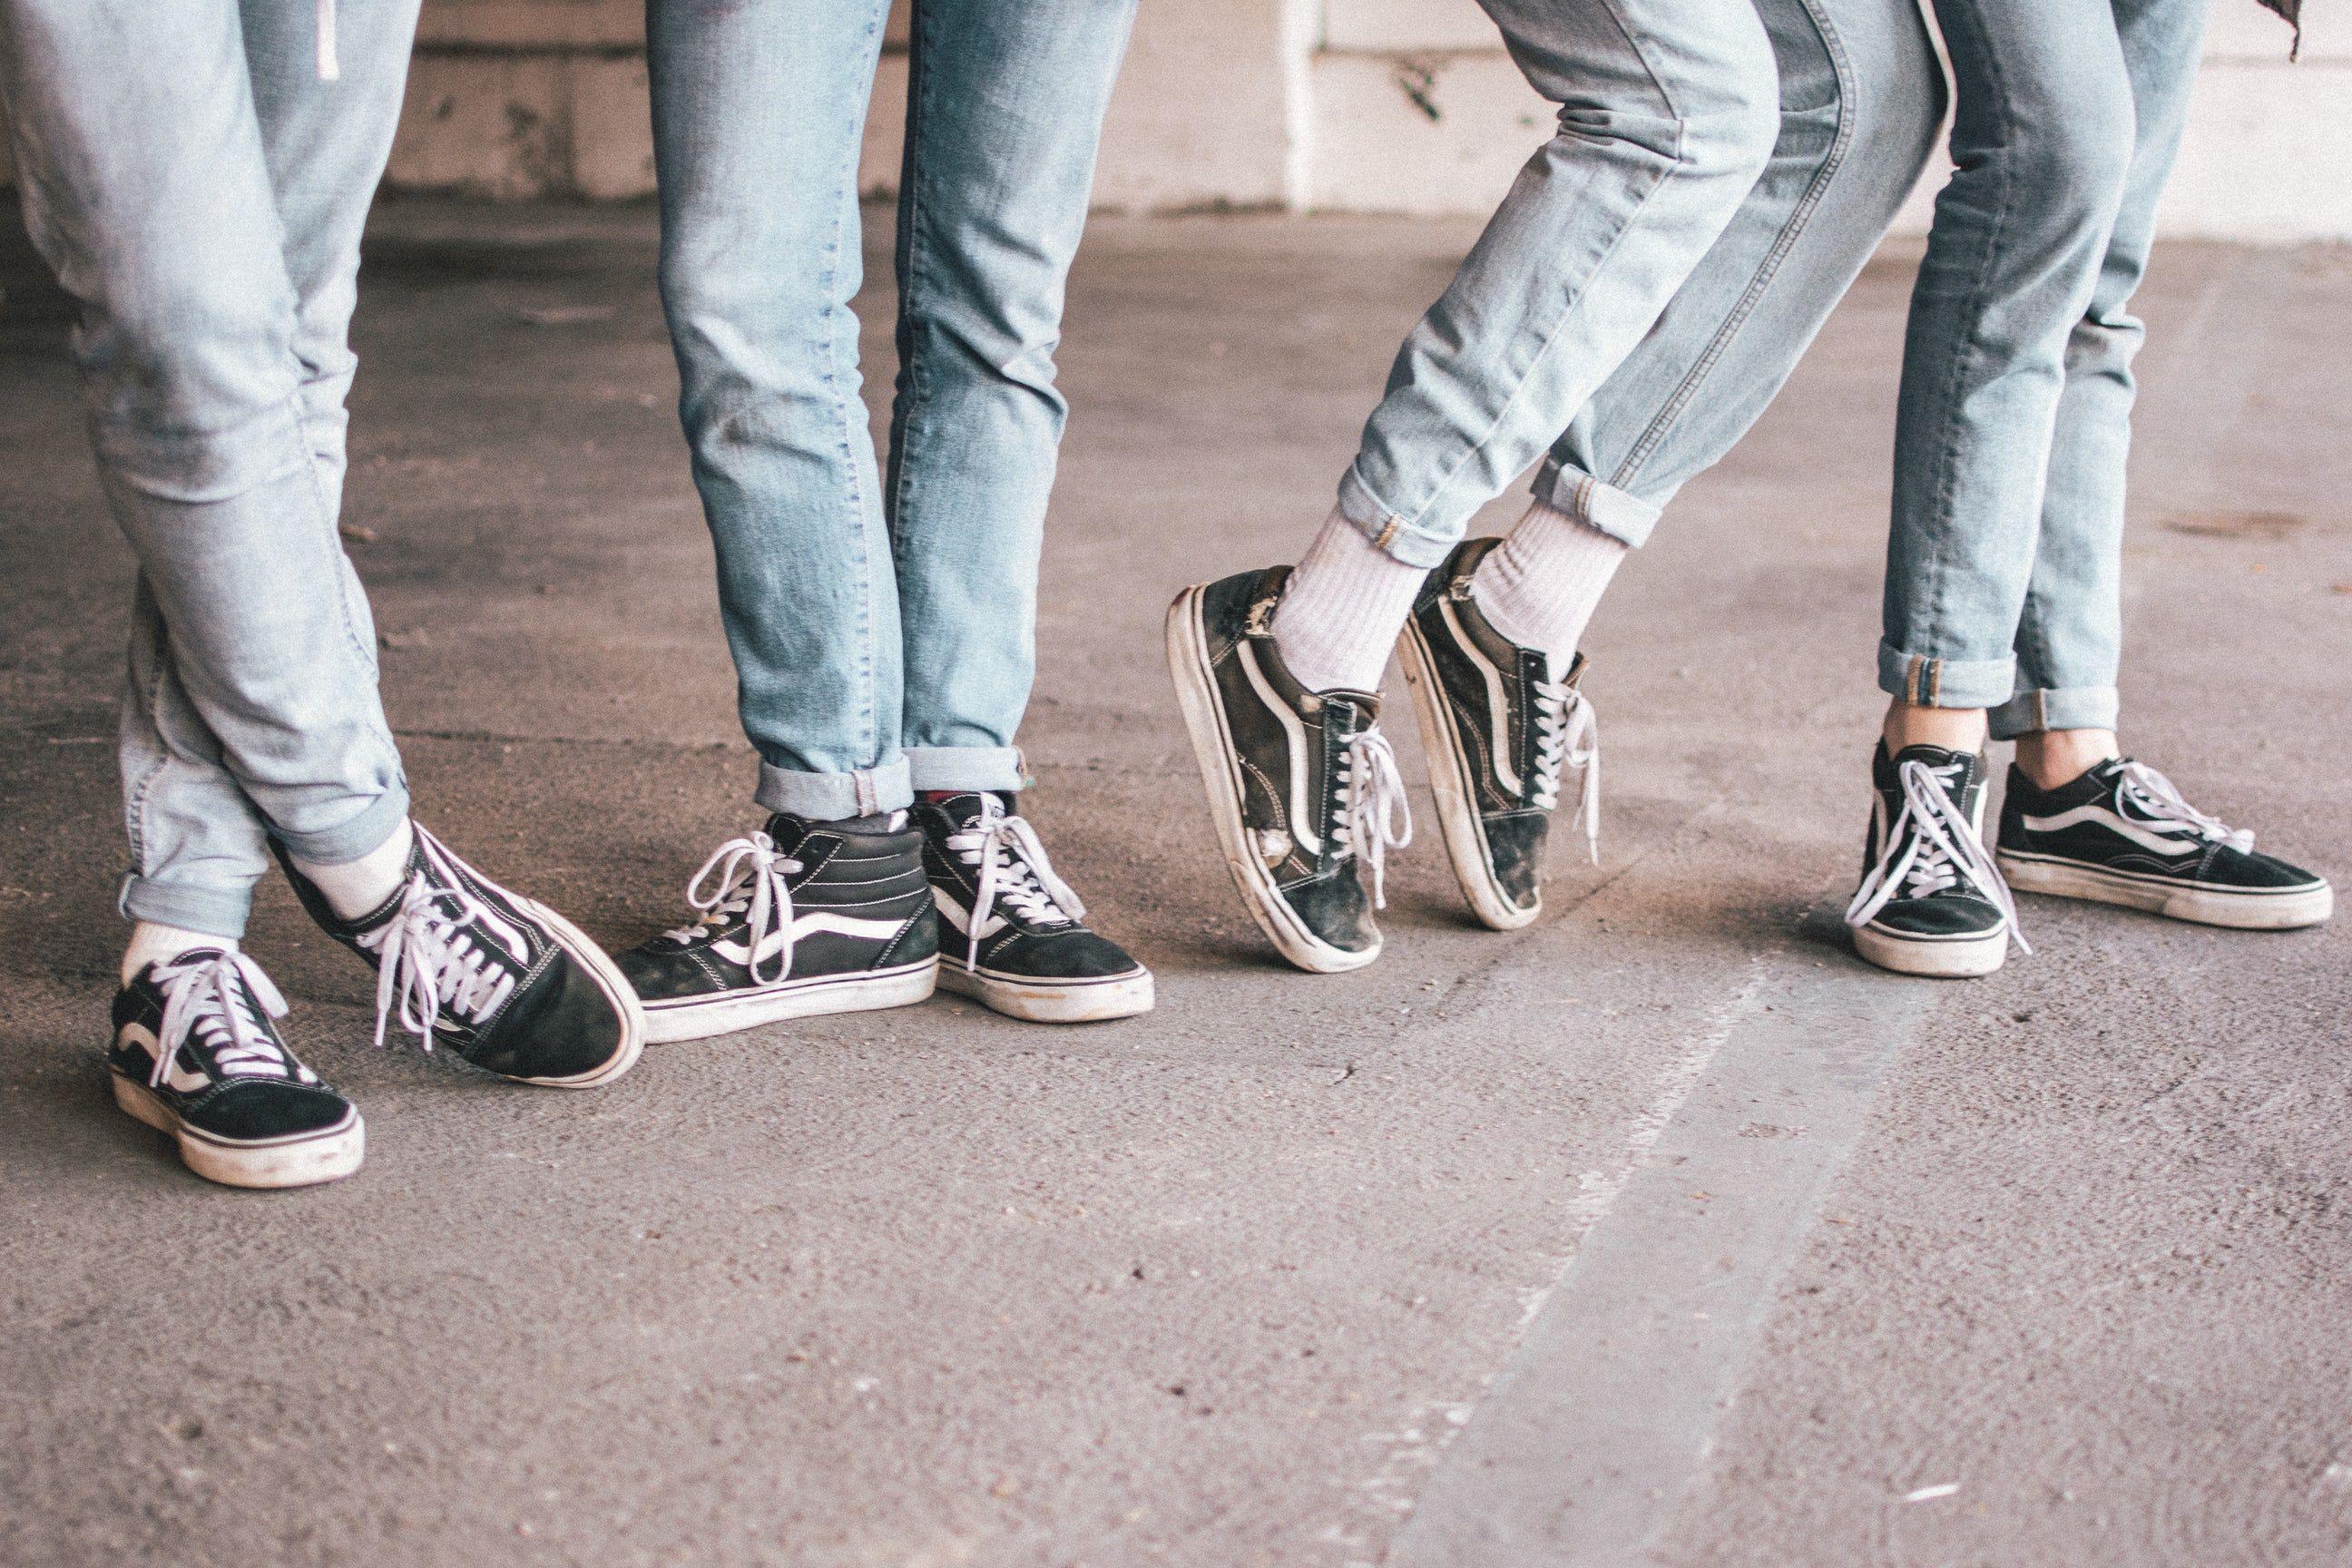 People Old In Britton Black SkoolSneakers Macaila Wearing Vans by67fgY